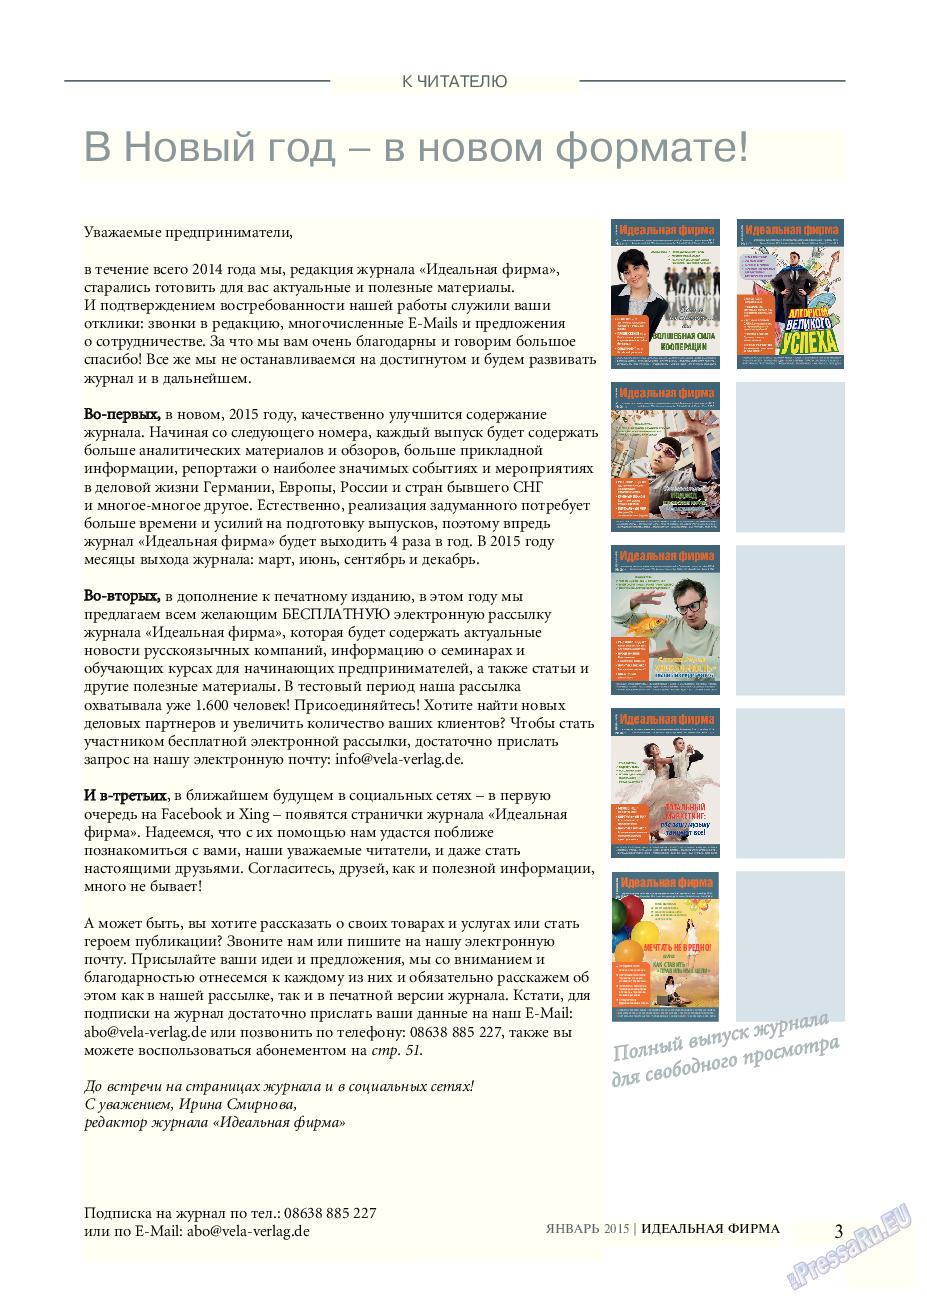 Идеальная фирма (журнал). 2015 год, номер 1, стр. 3